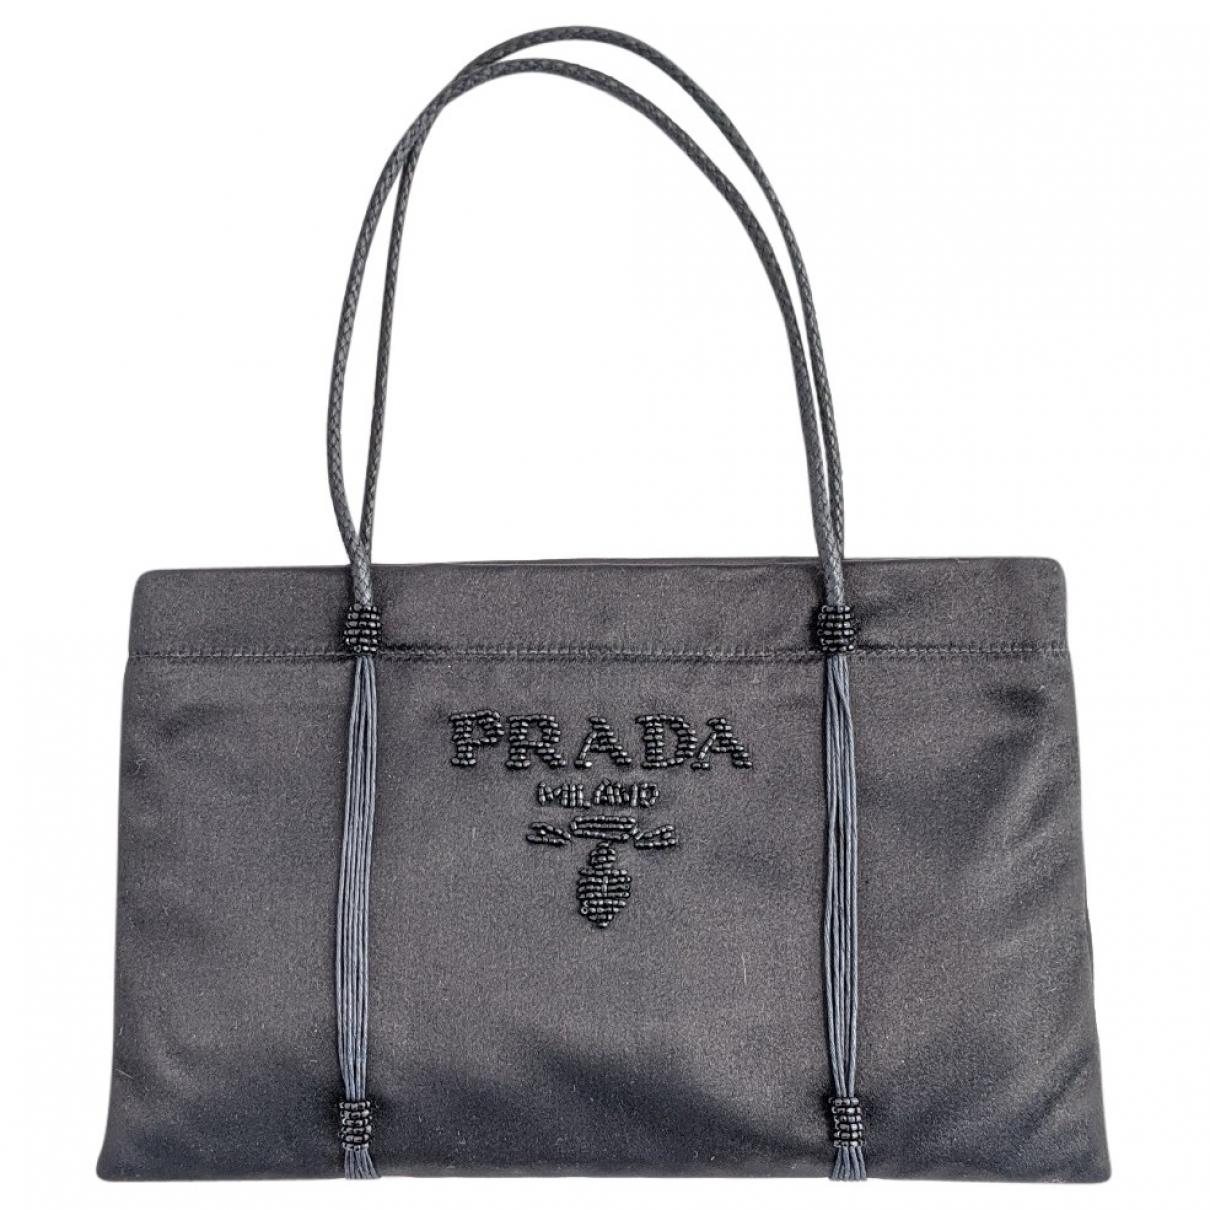 Prada \N Handtasche in  Schwarz Seide